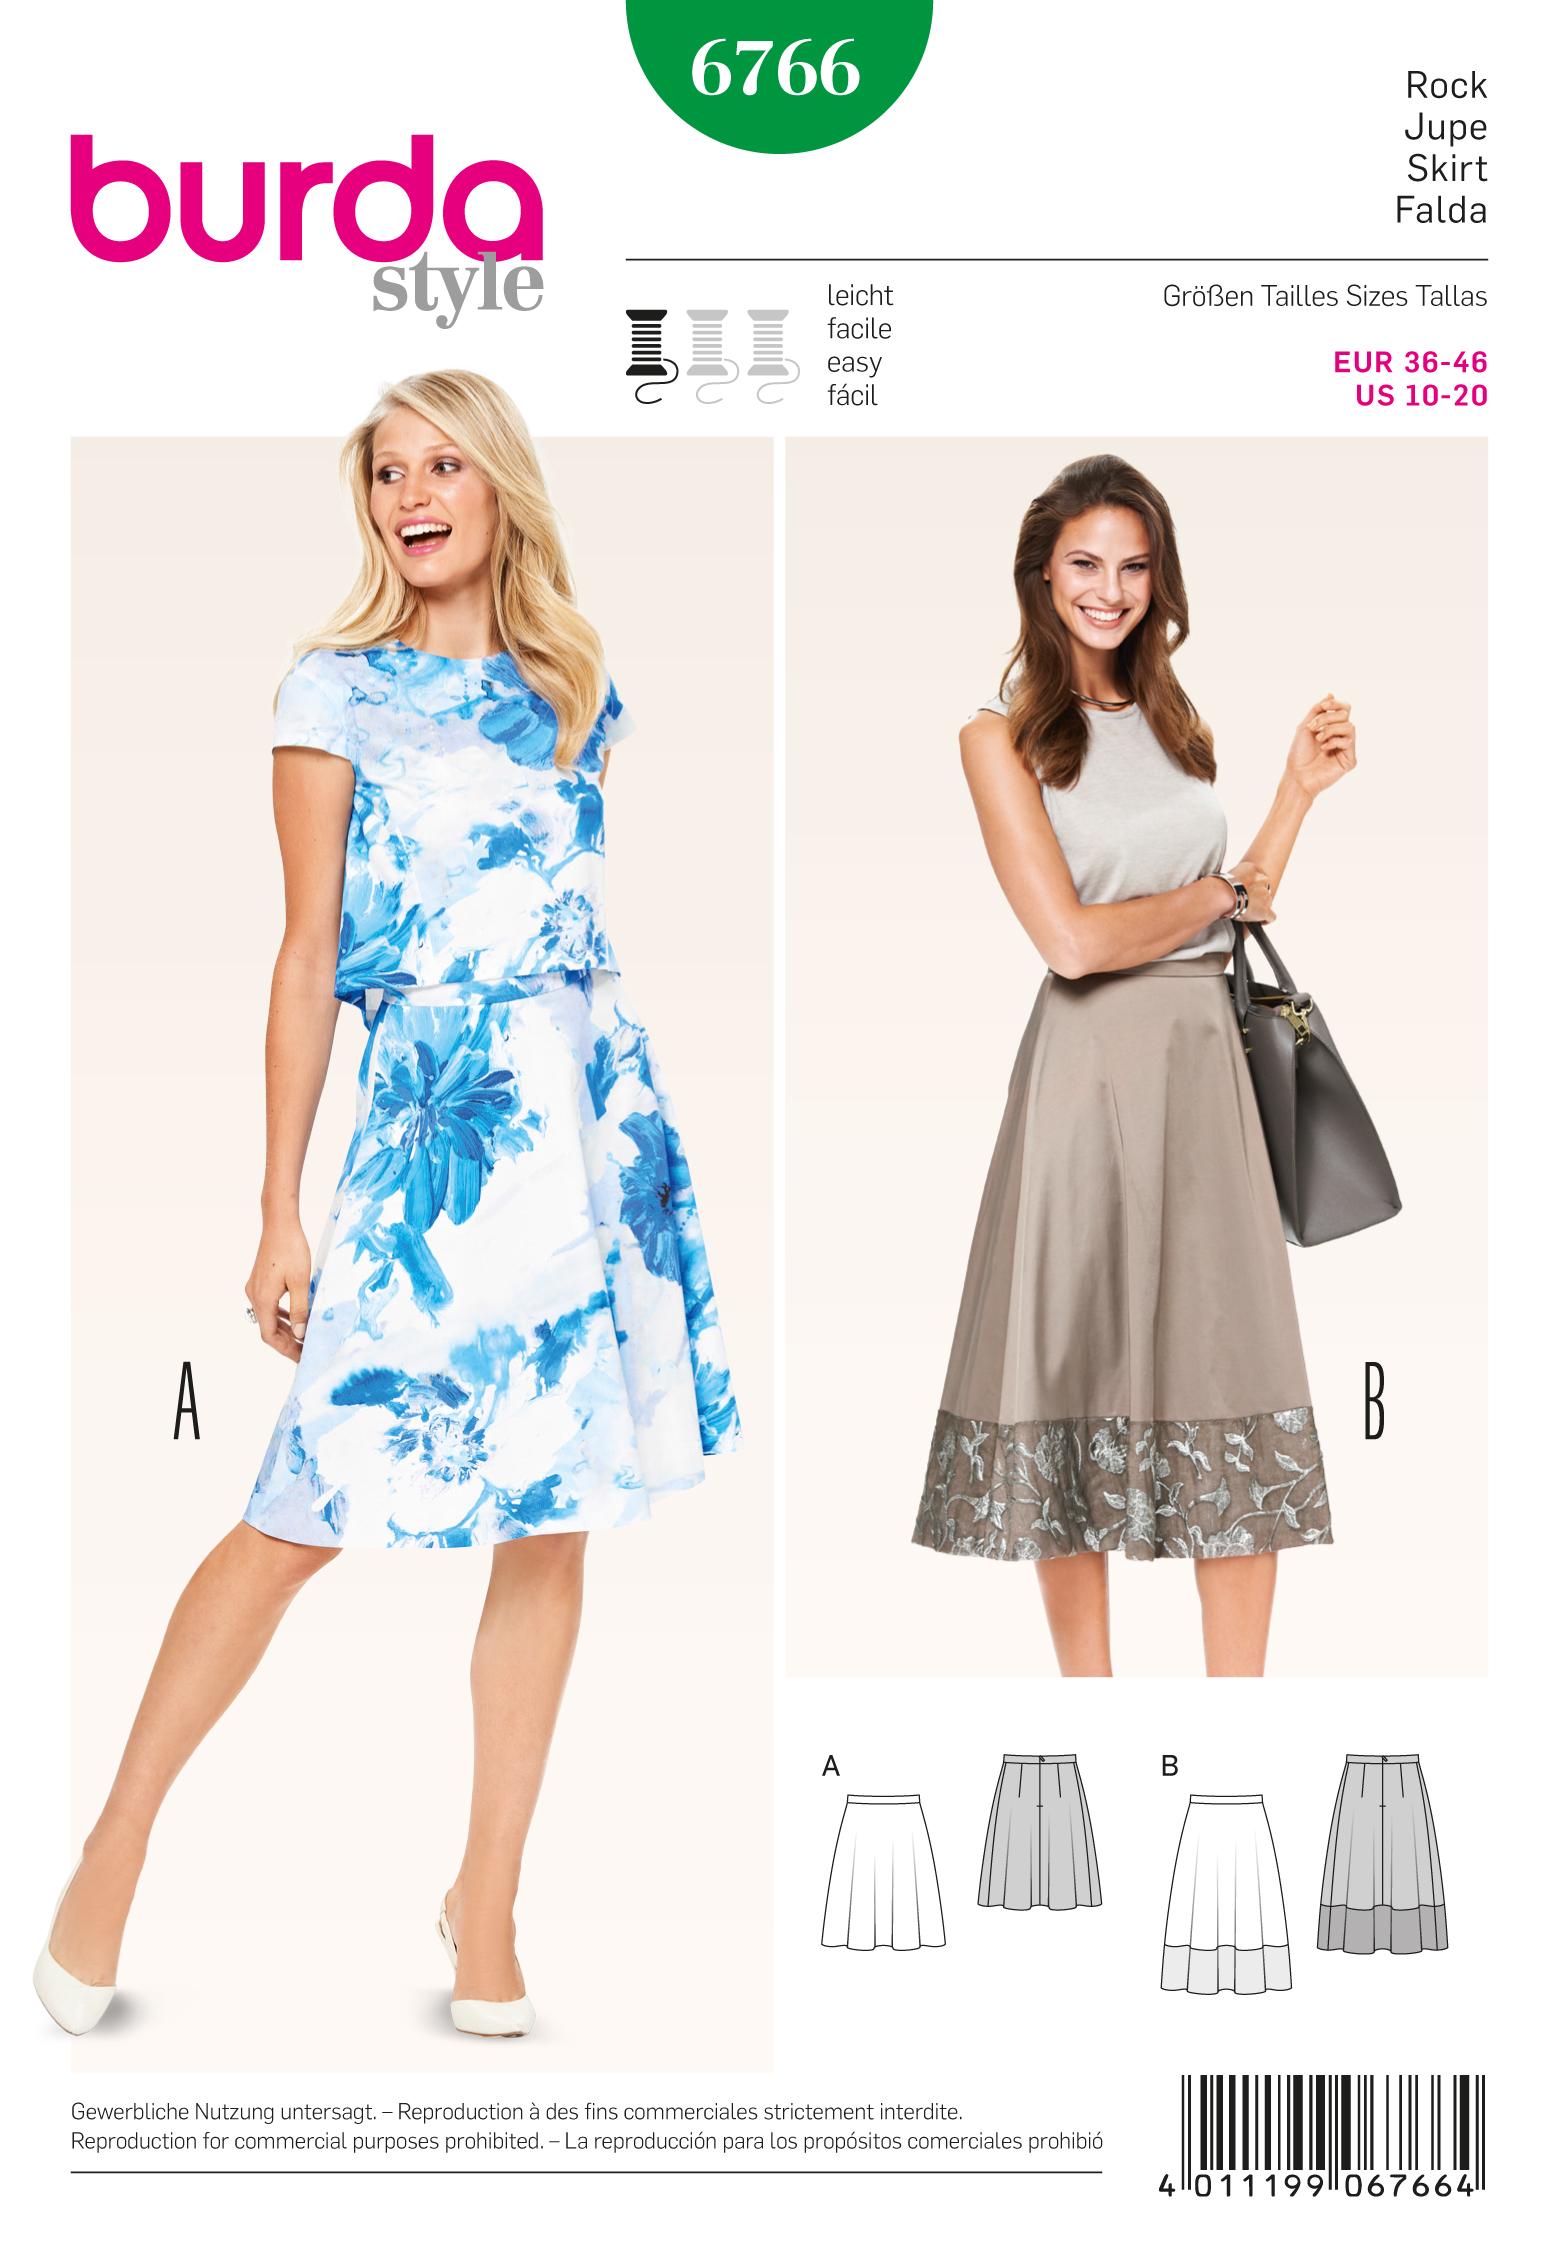 Burda 6766 Burda Style Skirts